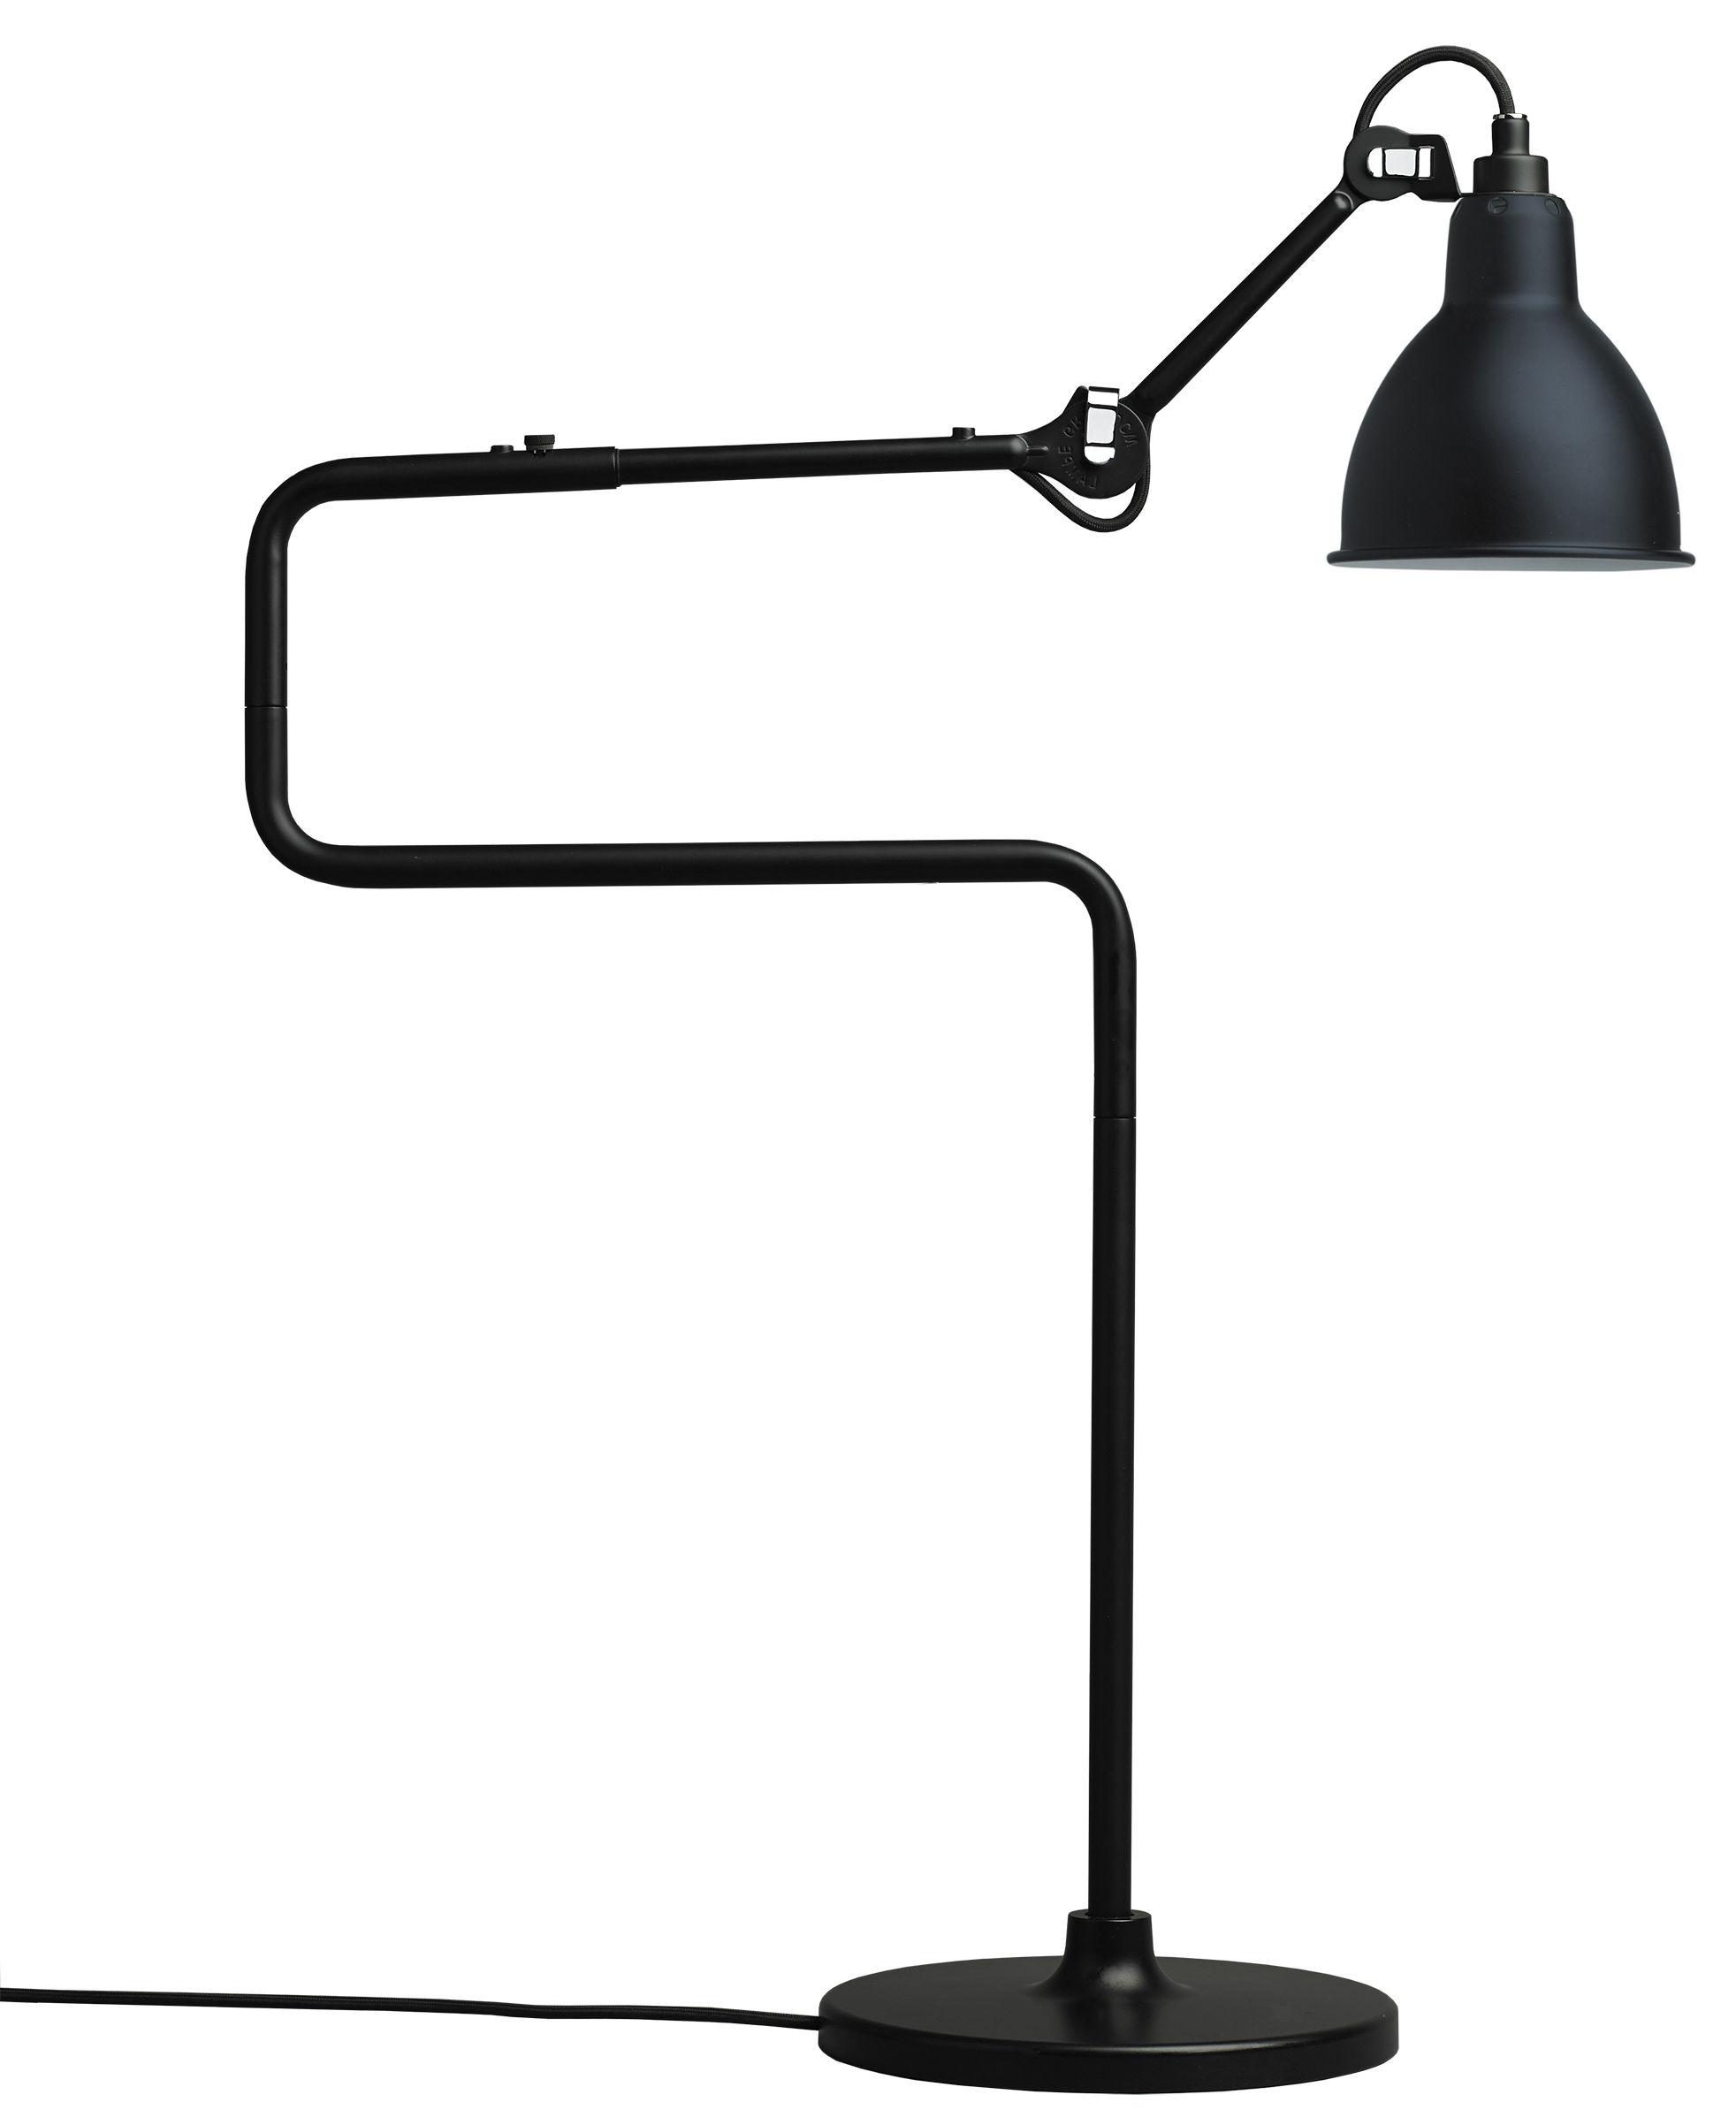 Leuchten - Tischleuchten - N°317 Tischleuchte / H 65 cm - DCW éditions - Schwarz - Stahl